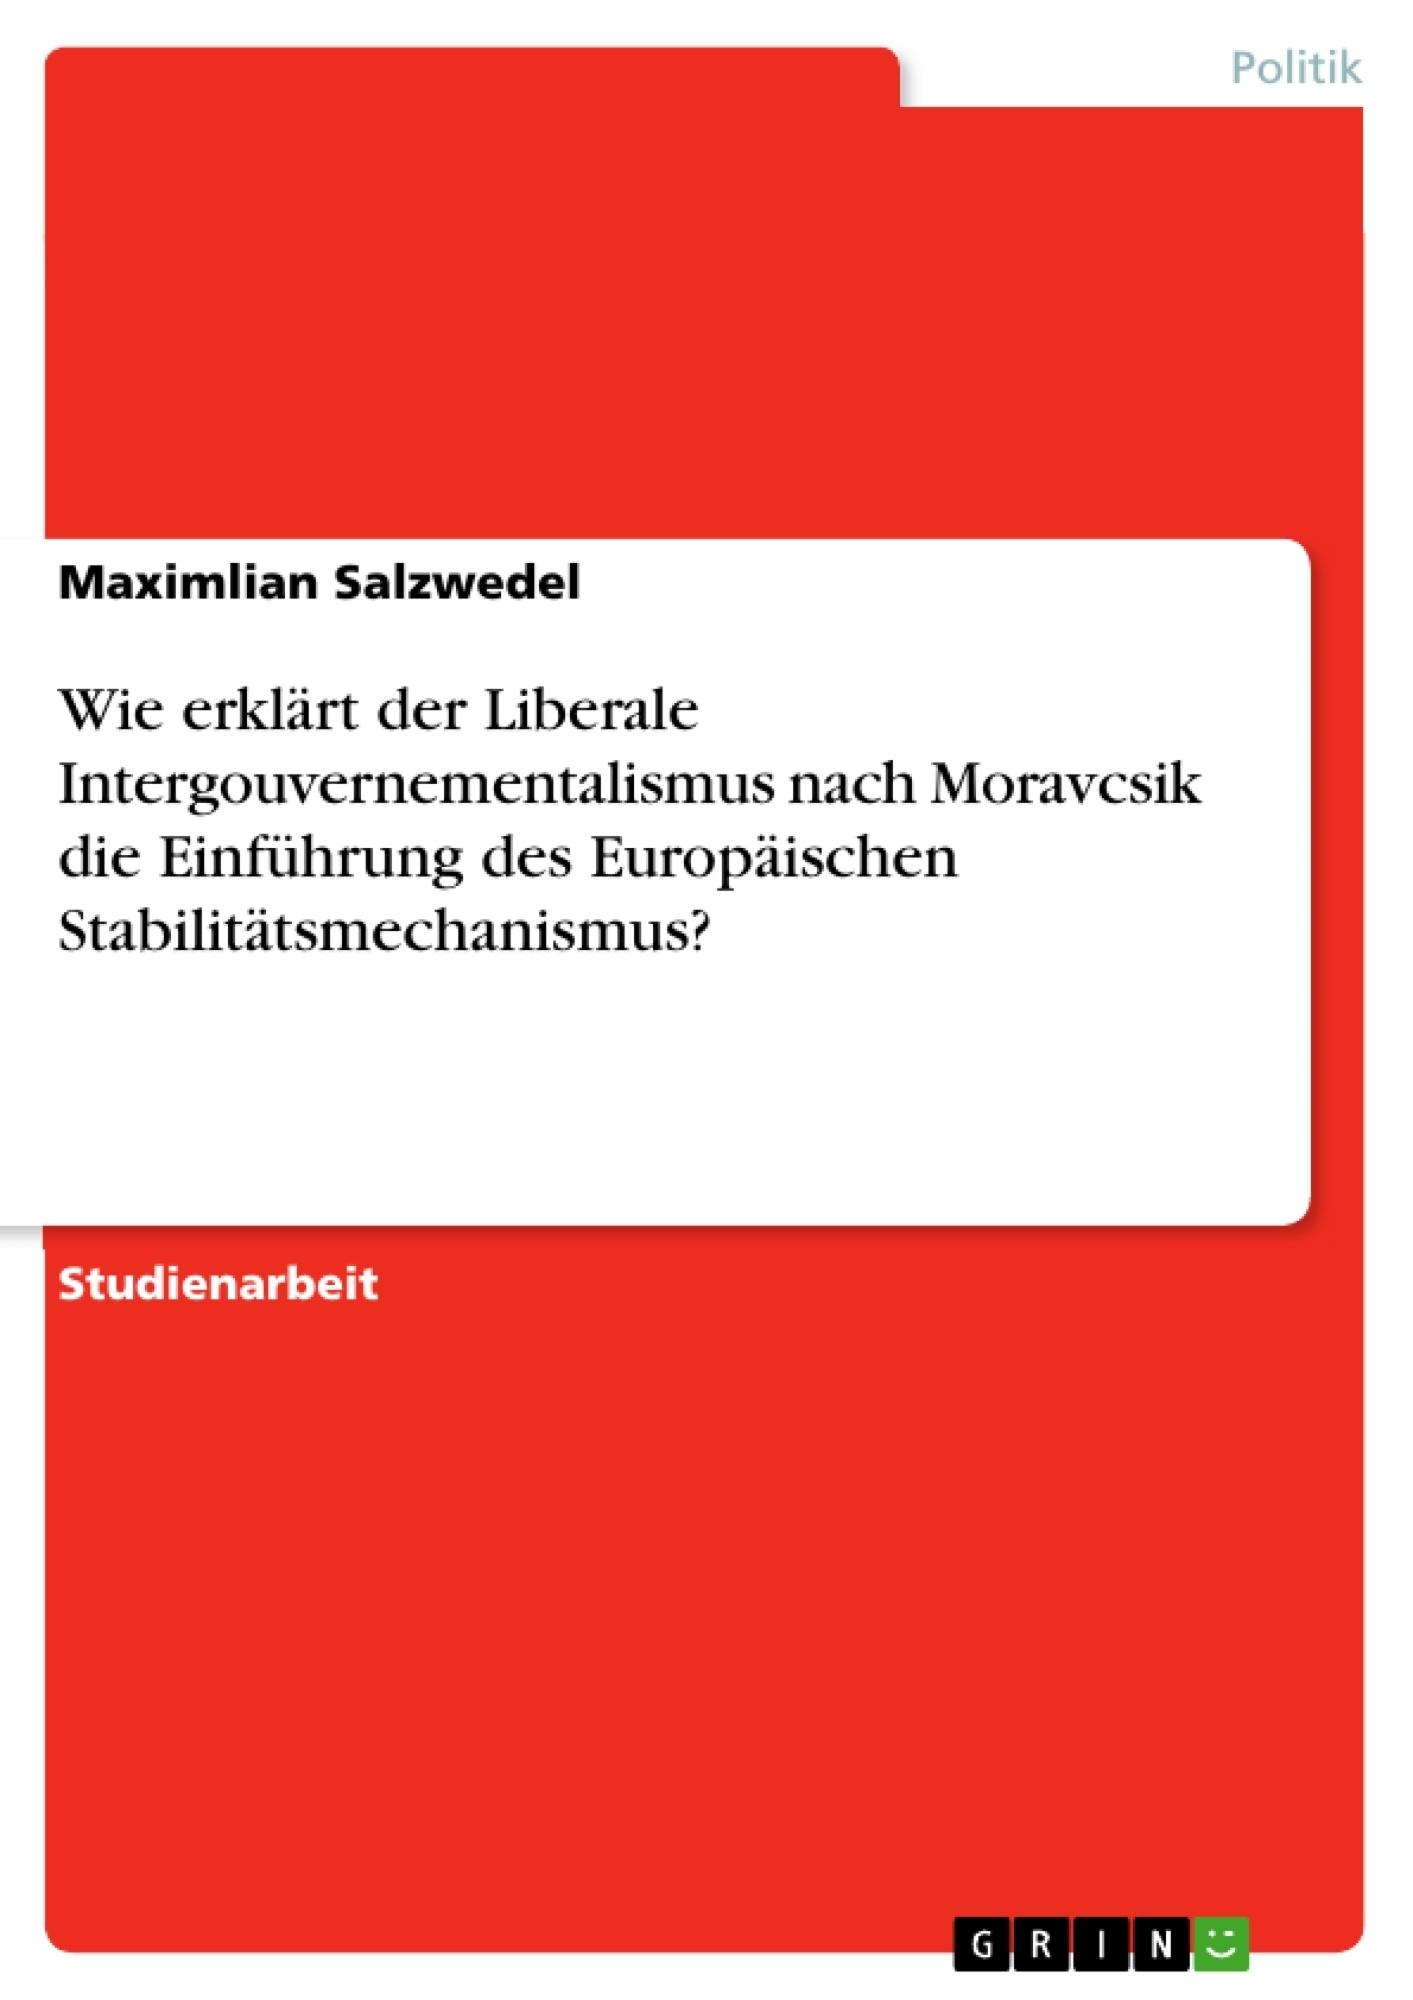 Titel: Wie erklärt der Liberale Intergouvernementalismus nach Moravcsik die Einführung des Europäischen Stabilitätsmechanismus?